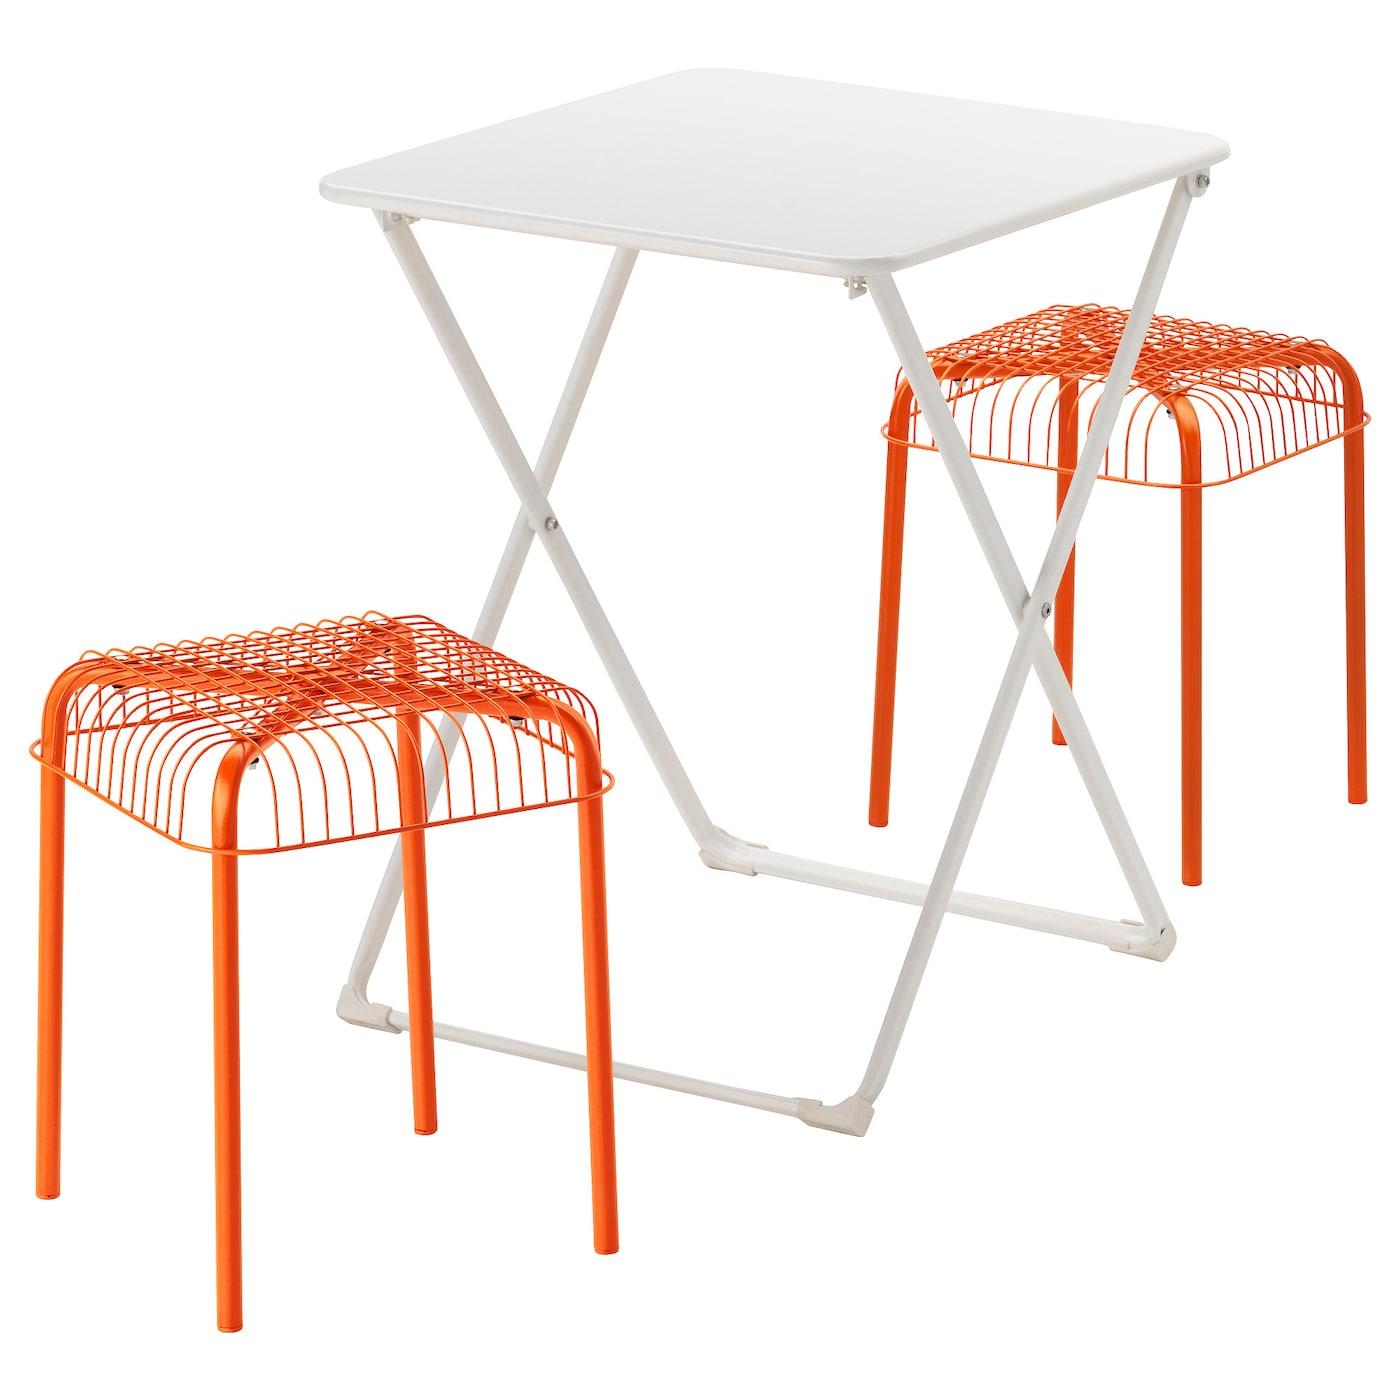 HÄRÖ / VÄSTERÖN, Tisch + 2 Hocker/außen, weiß, orange 391.331.84